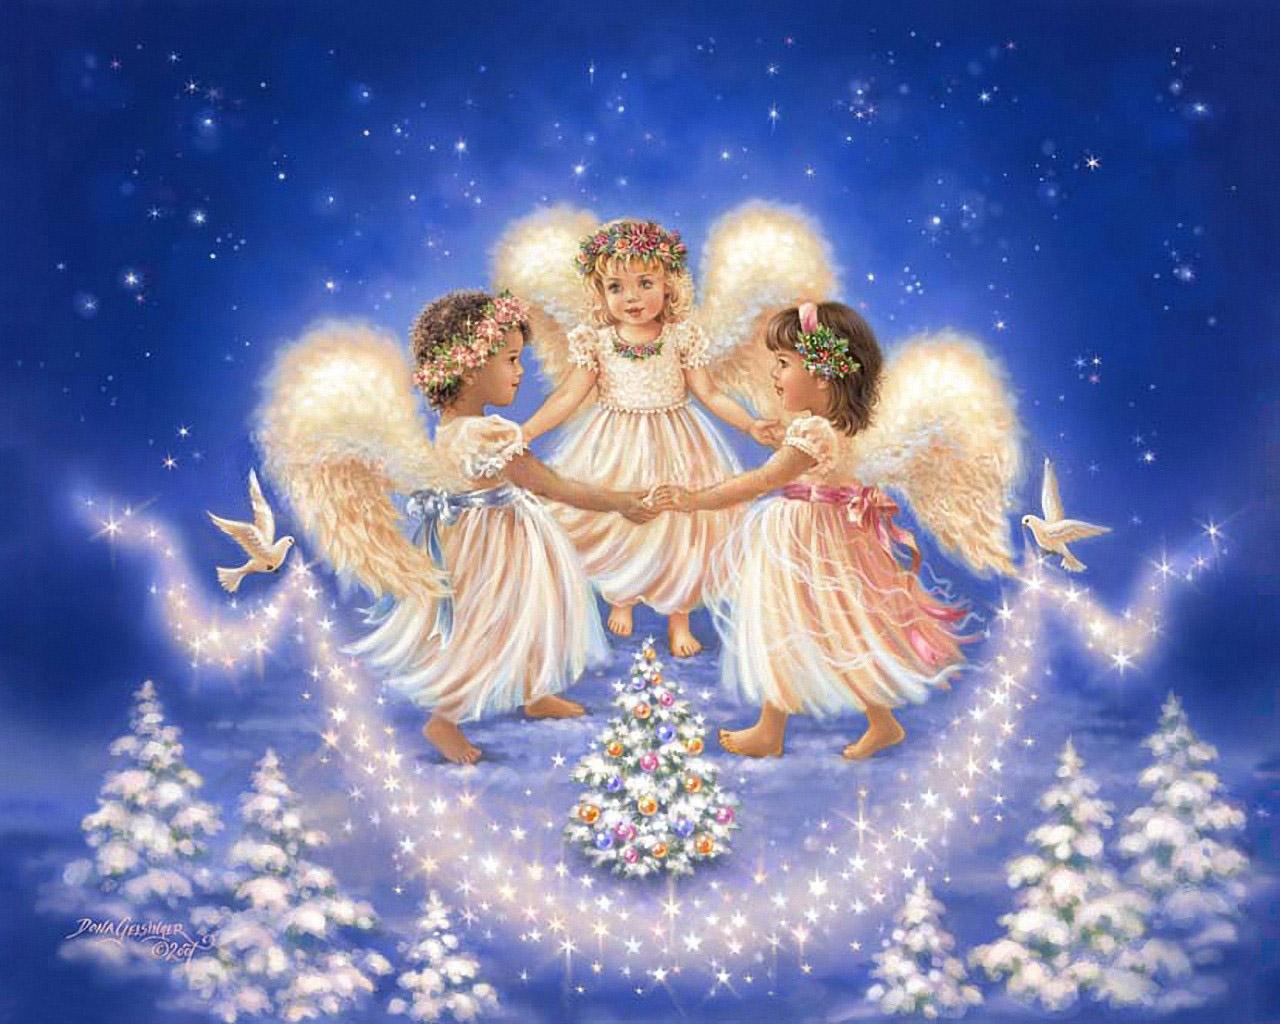 рождественские картинки Christmas_383_Dona_Gelsinger1